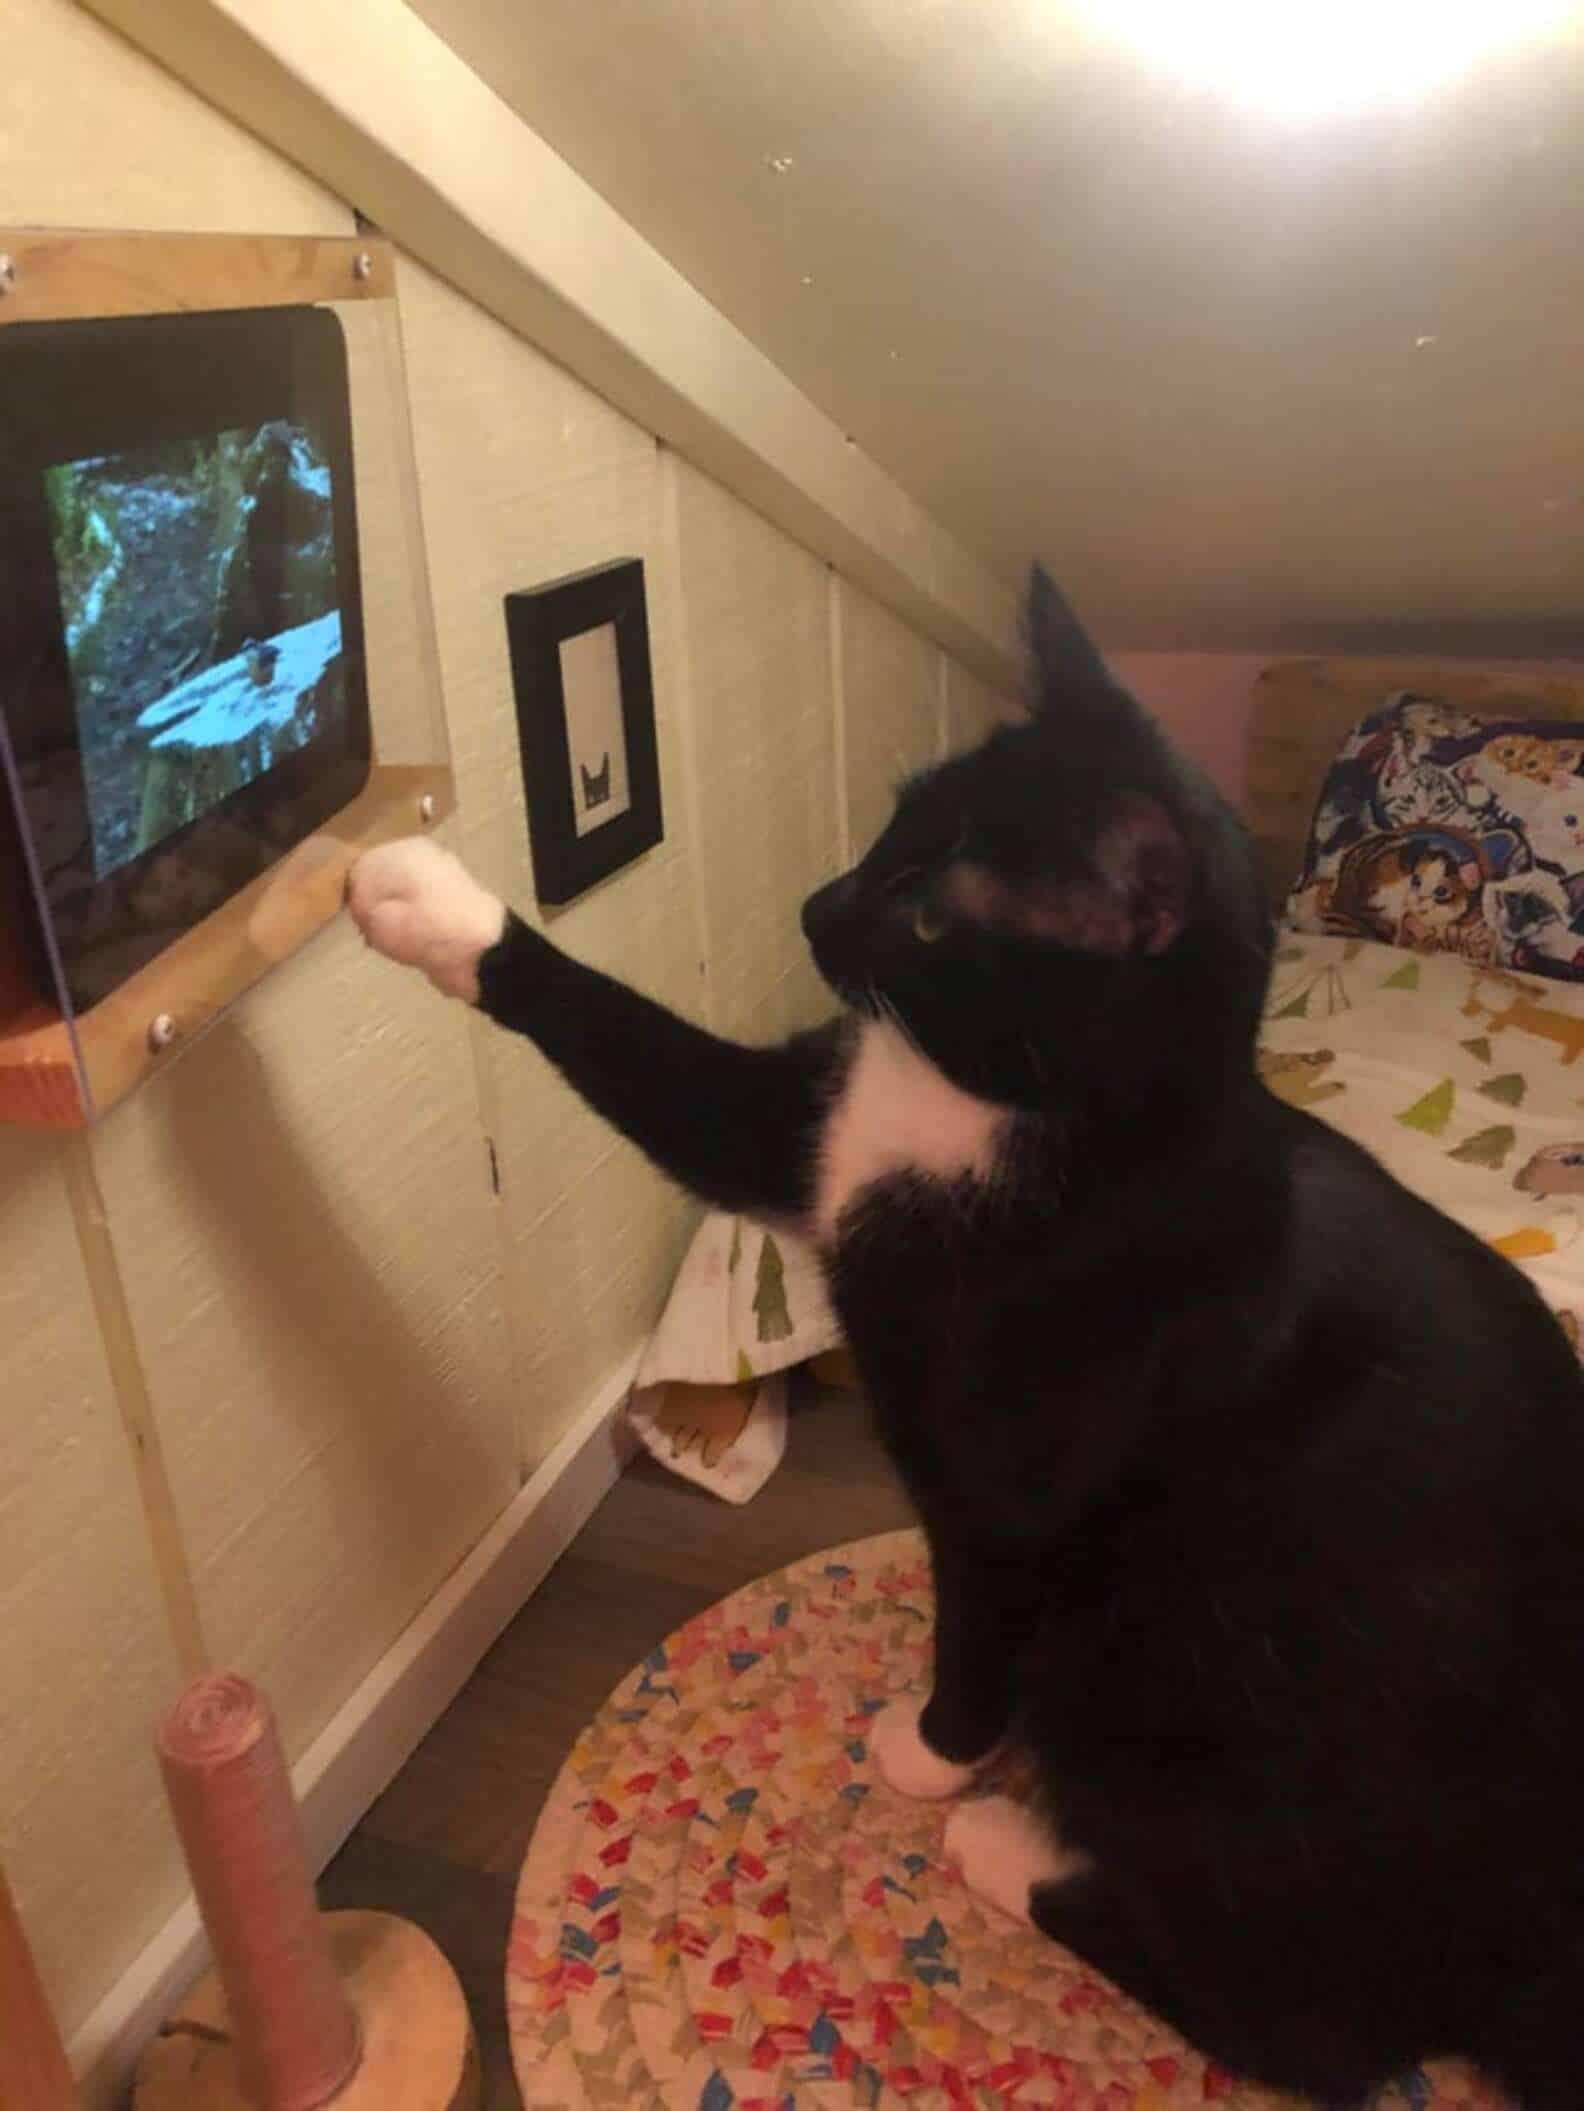 Dono transforma canto vazio em um quarto INCRÍVEL para o gato